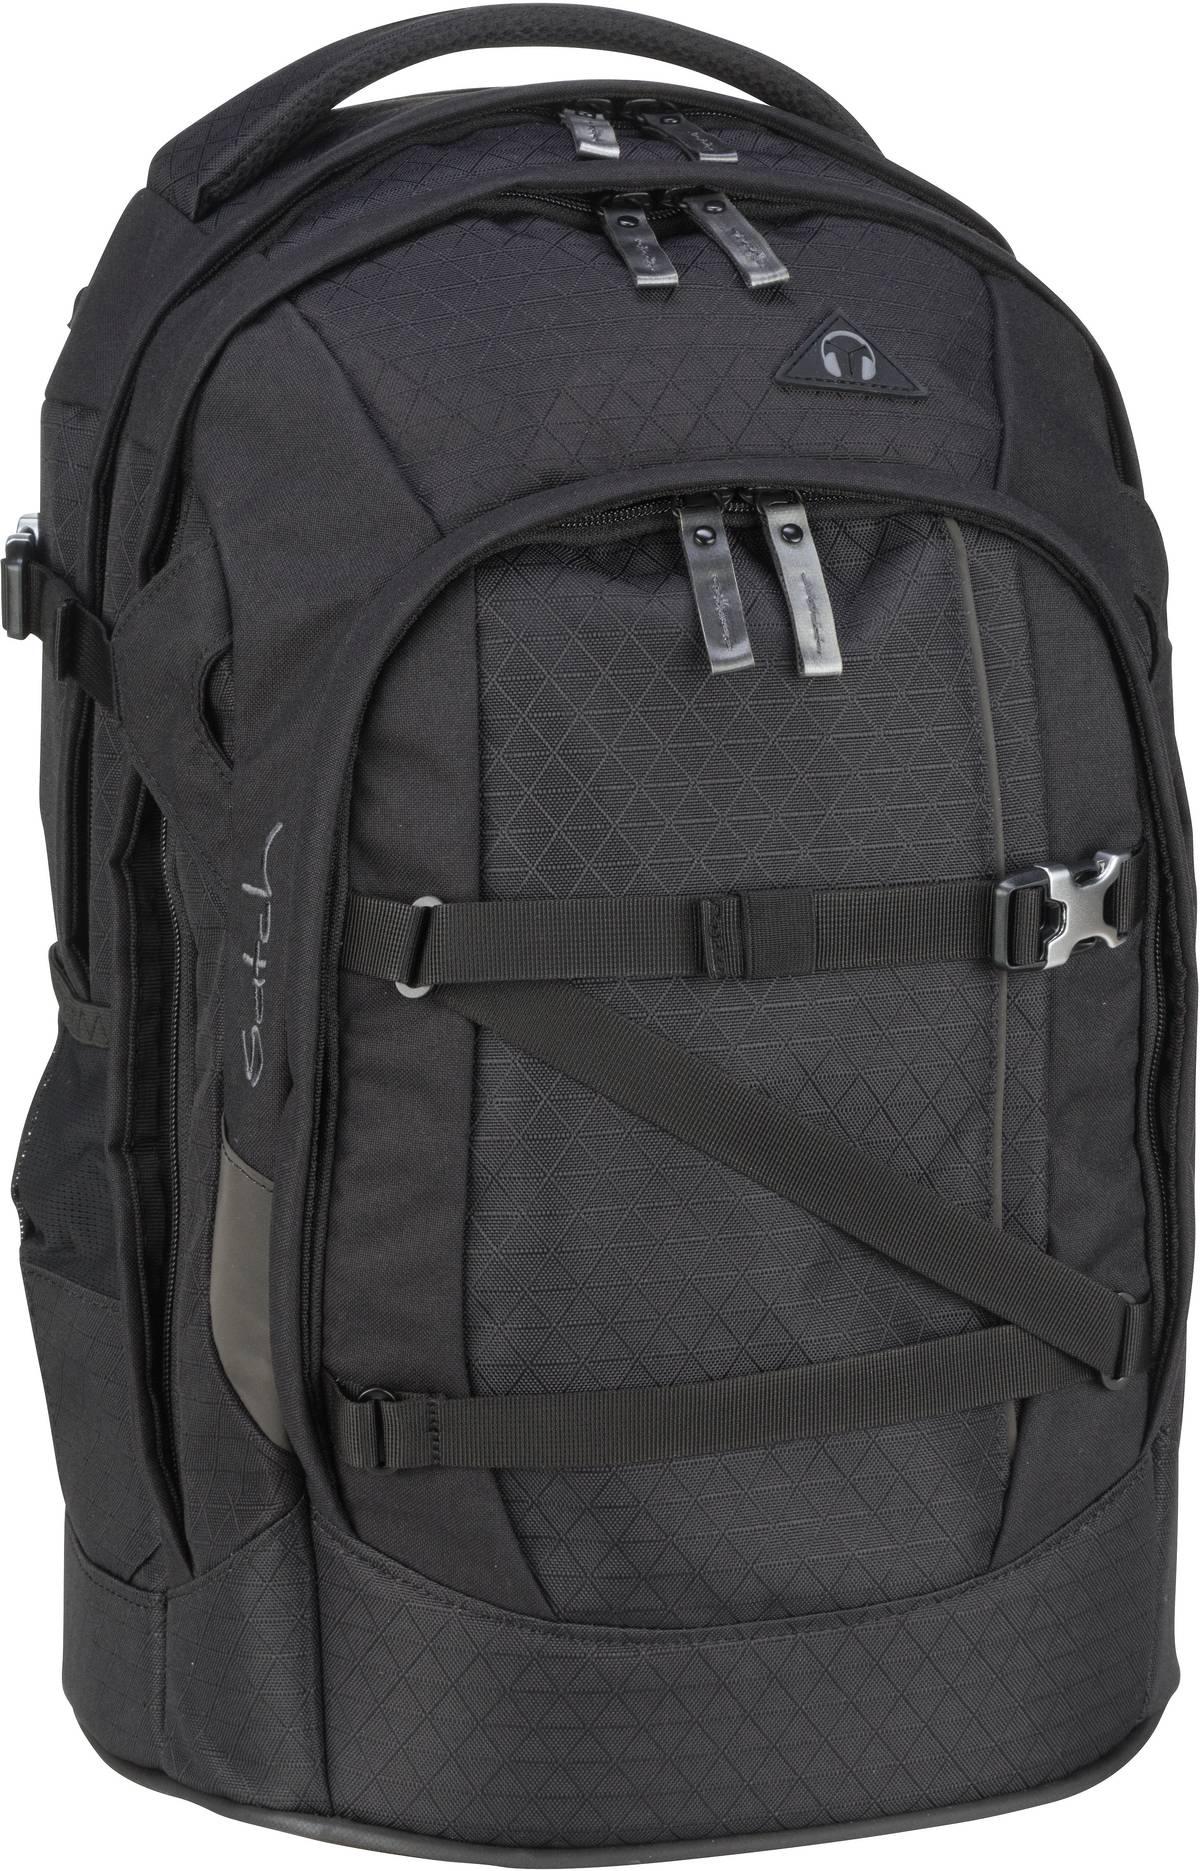 Schulrucksack pack Carbon Black Limited Edition Carbon Black (30 Liter)